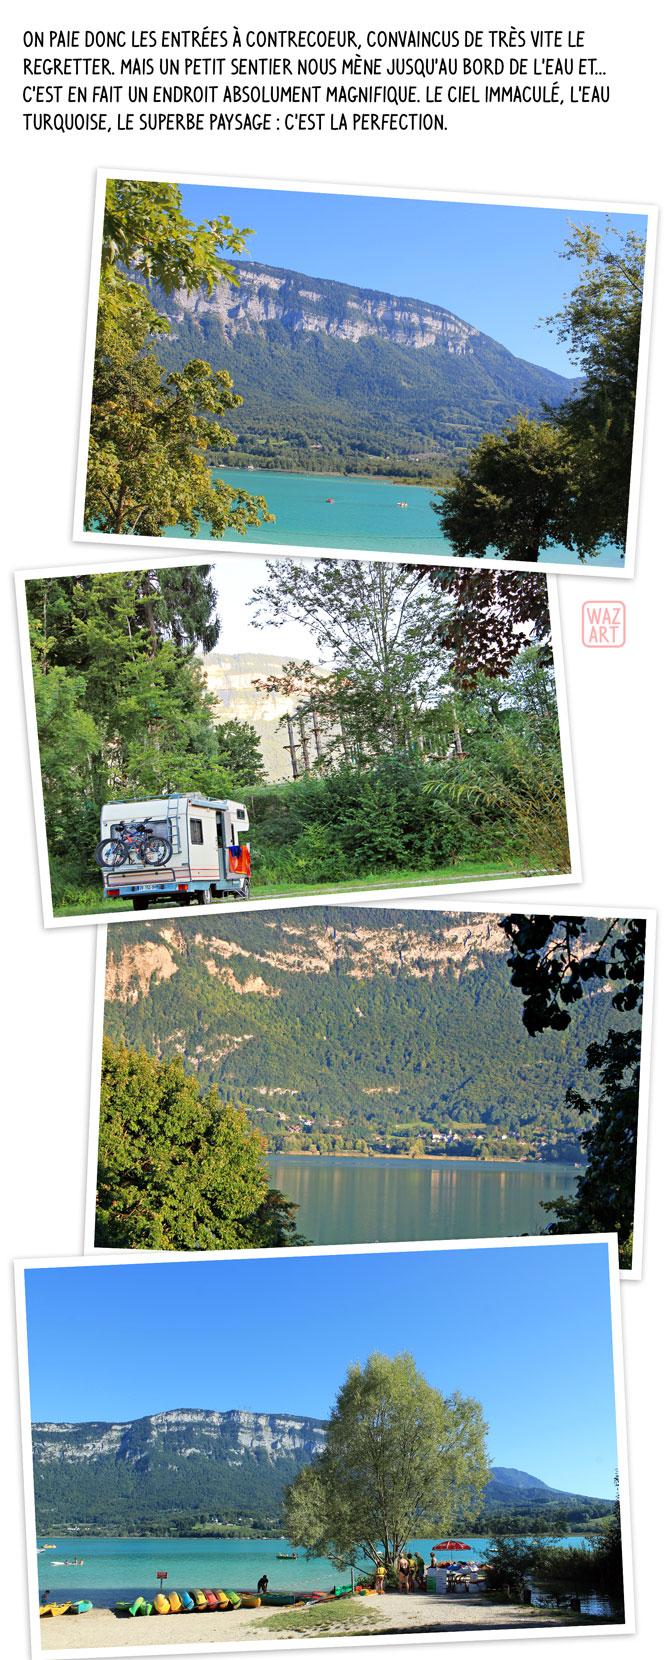 ciel immaculé, eau turquoise, paysage superbe : un petit coin de paradis